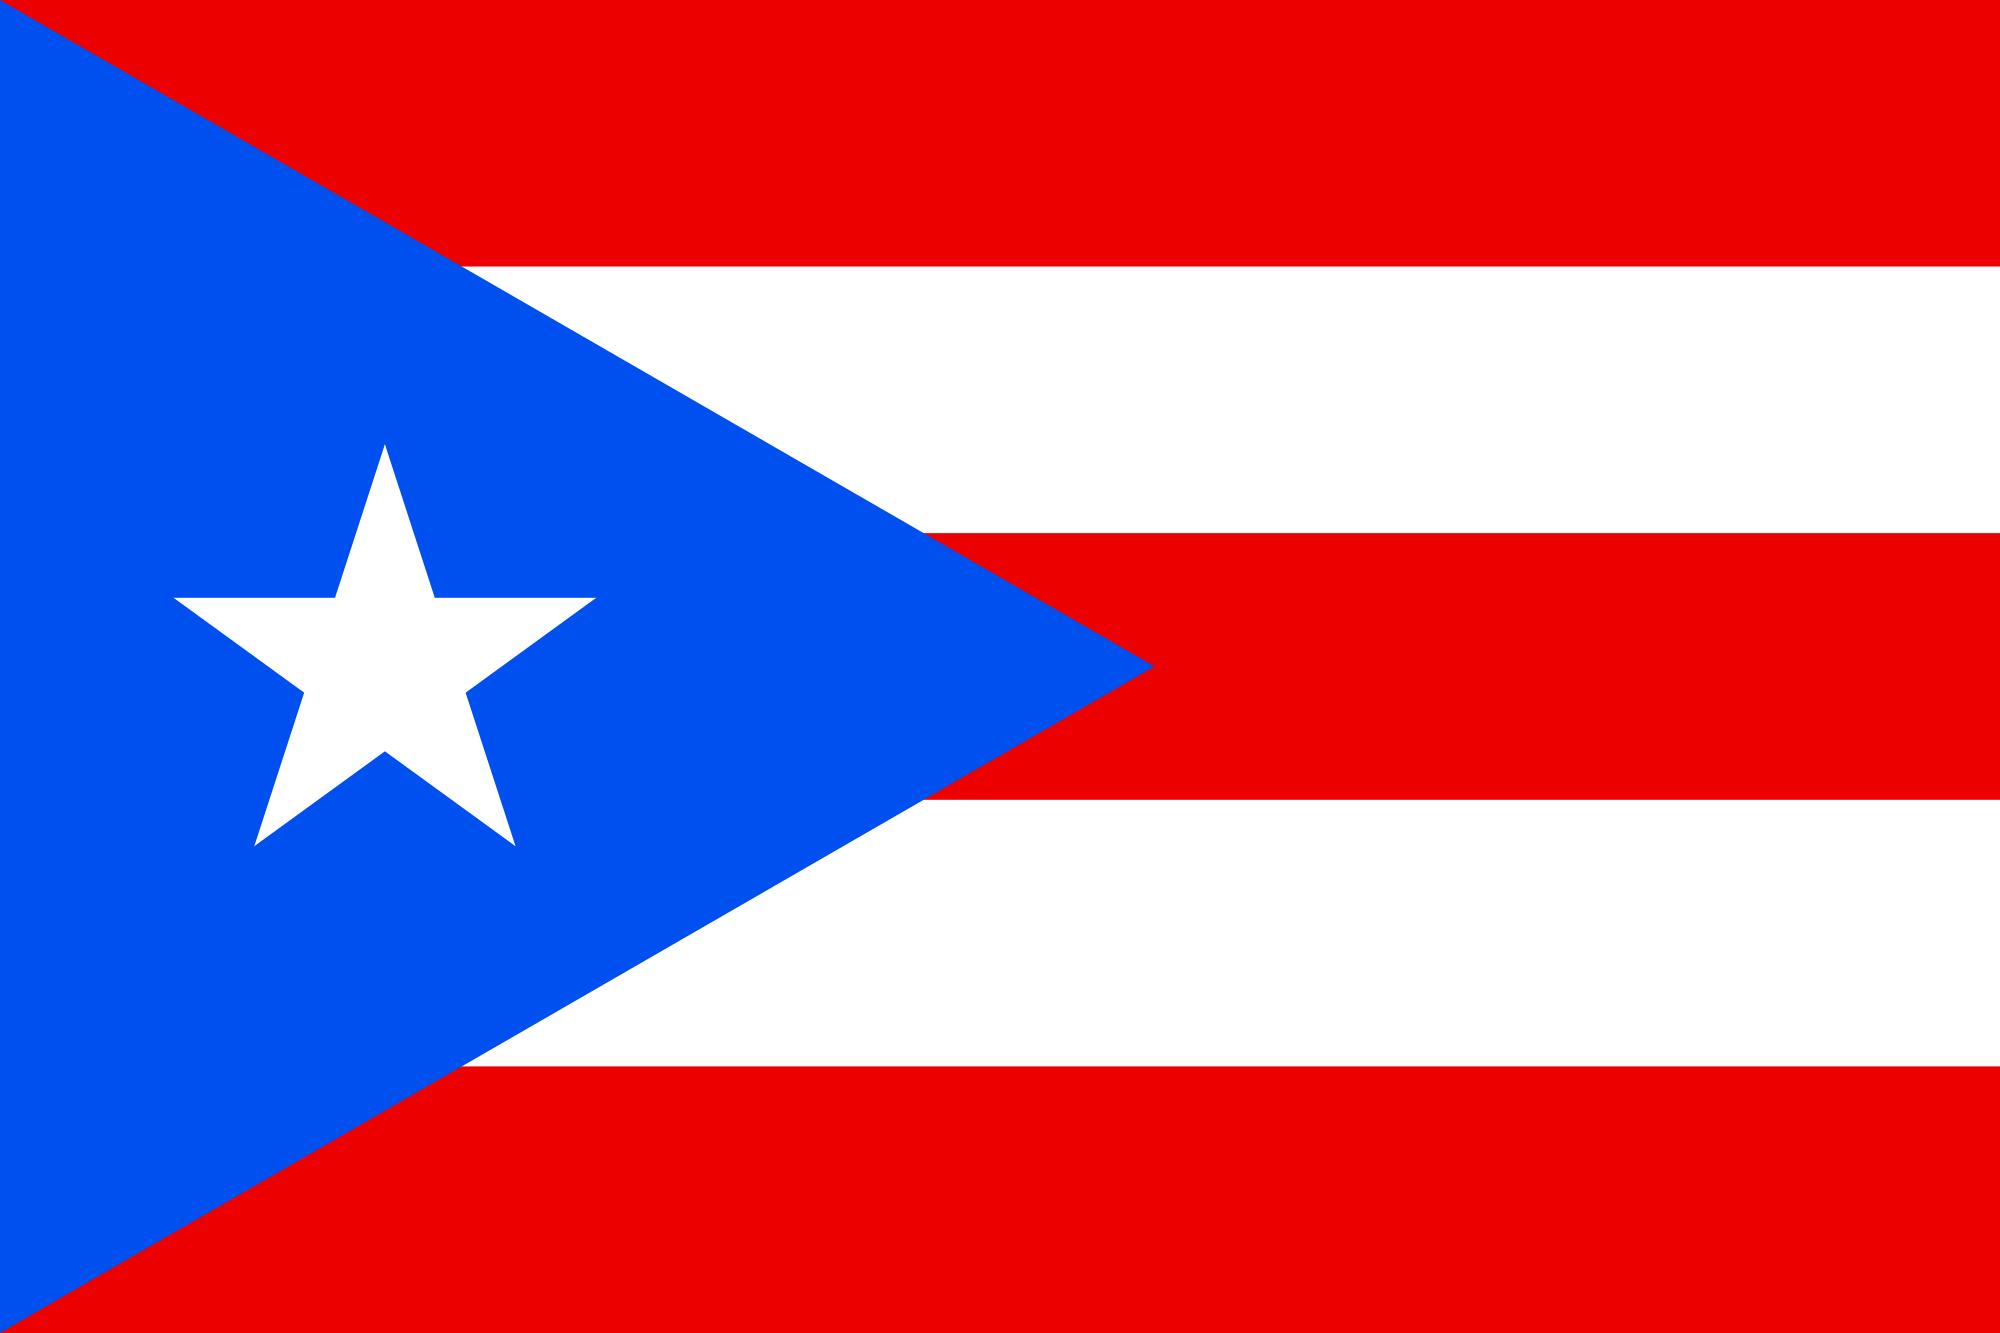 County Court Judgements (CCJ), Puerto Rico